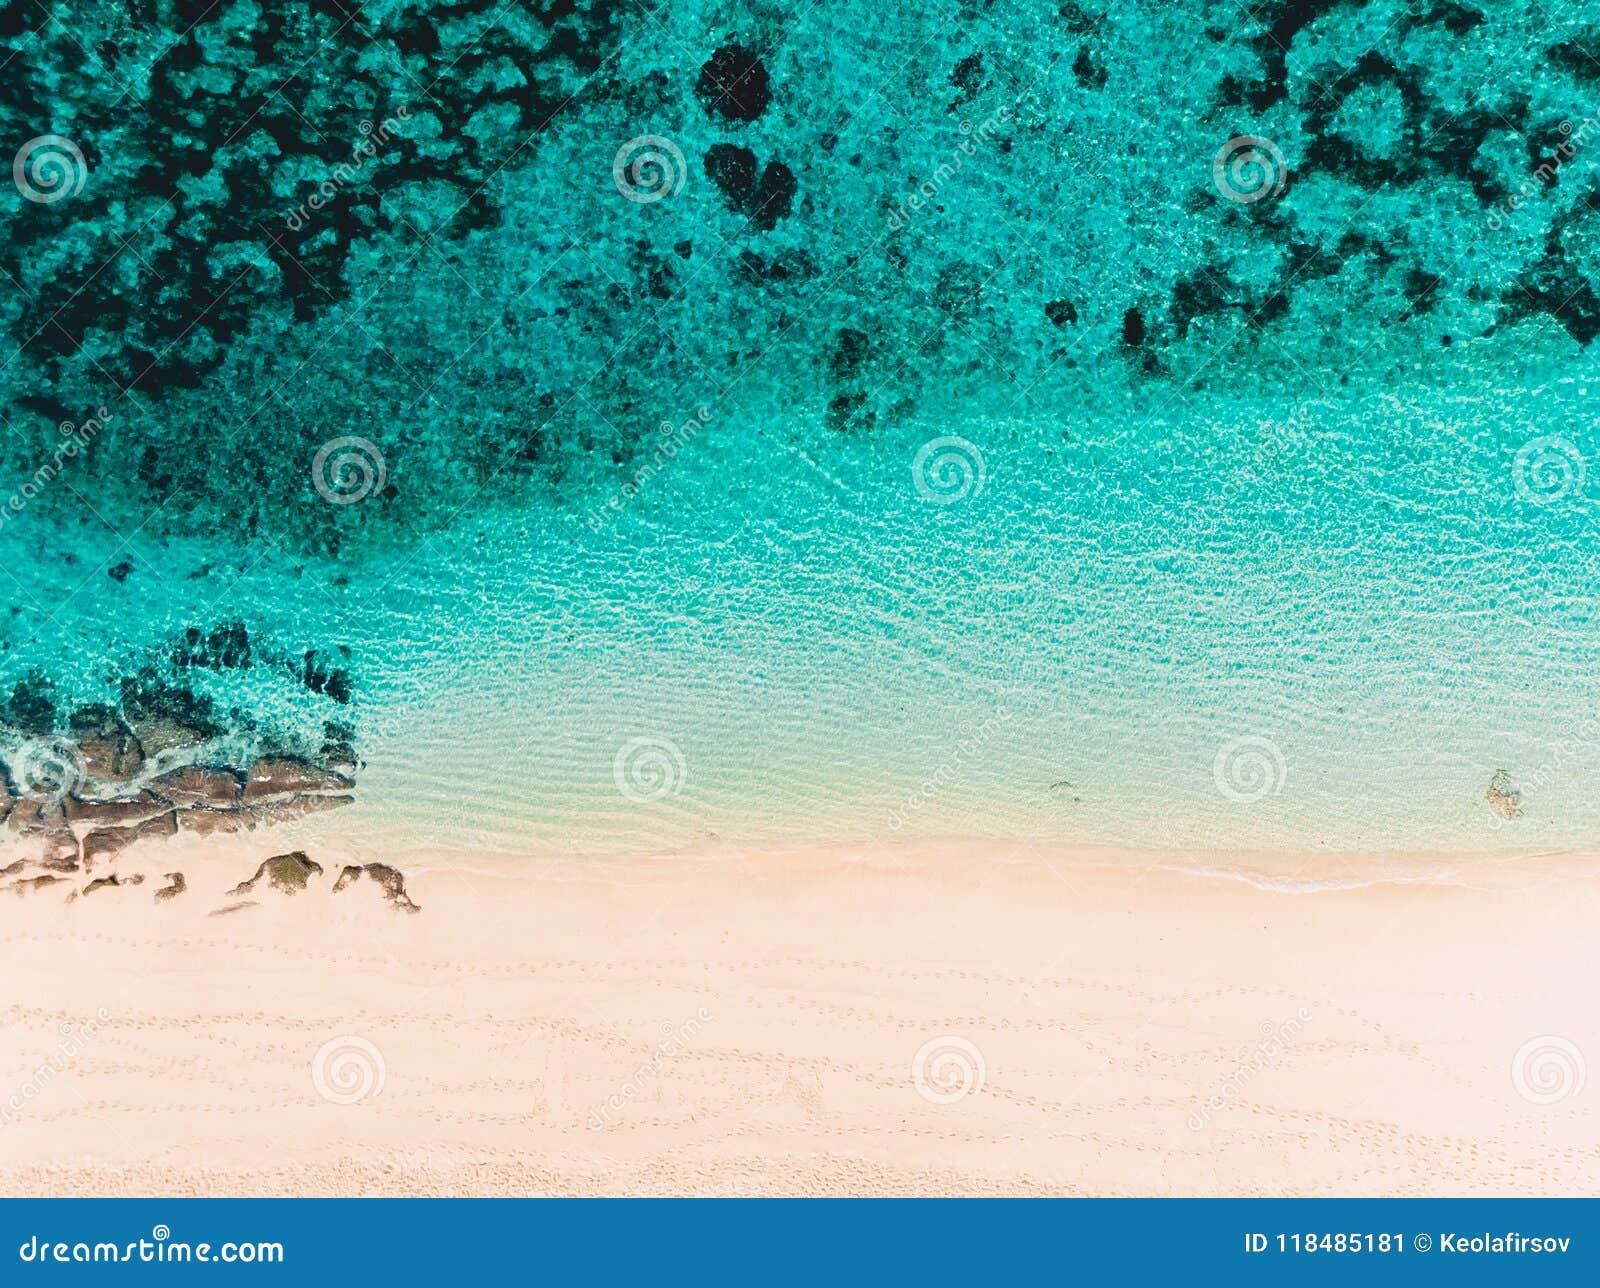 Hoogste mening van tropisch zandstrand met turkoois oceaanwater, luchthommelschot